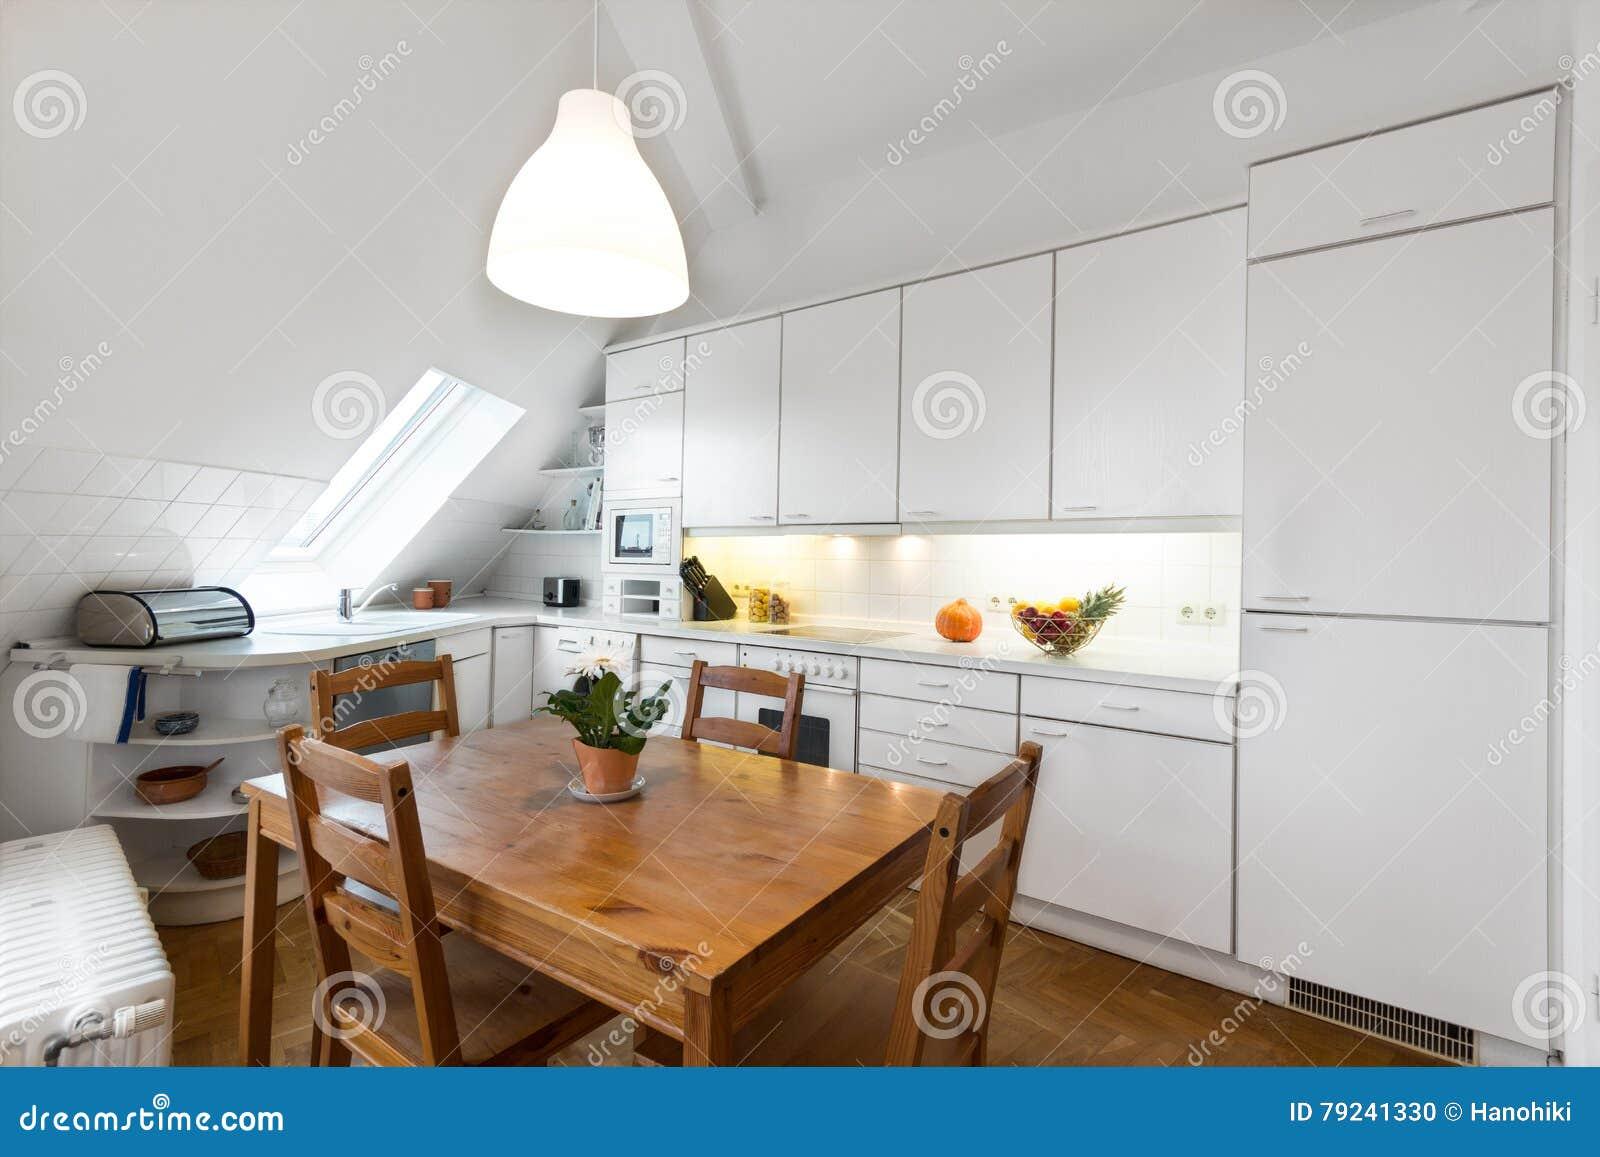 Biała Kuchnia Z Drewnianą Podłoga W Pięknym Domu Zdjęcie